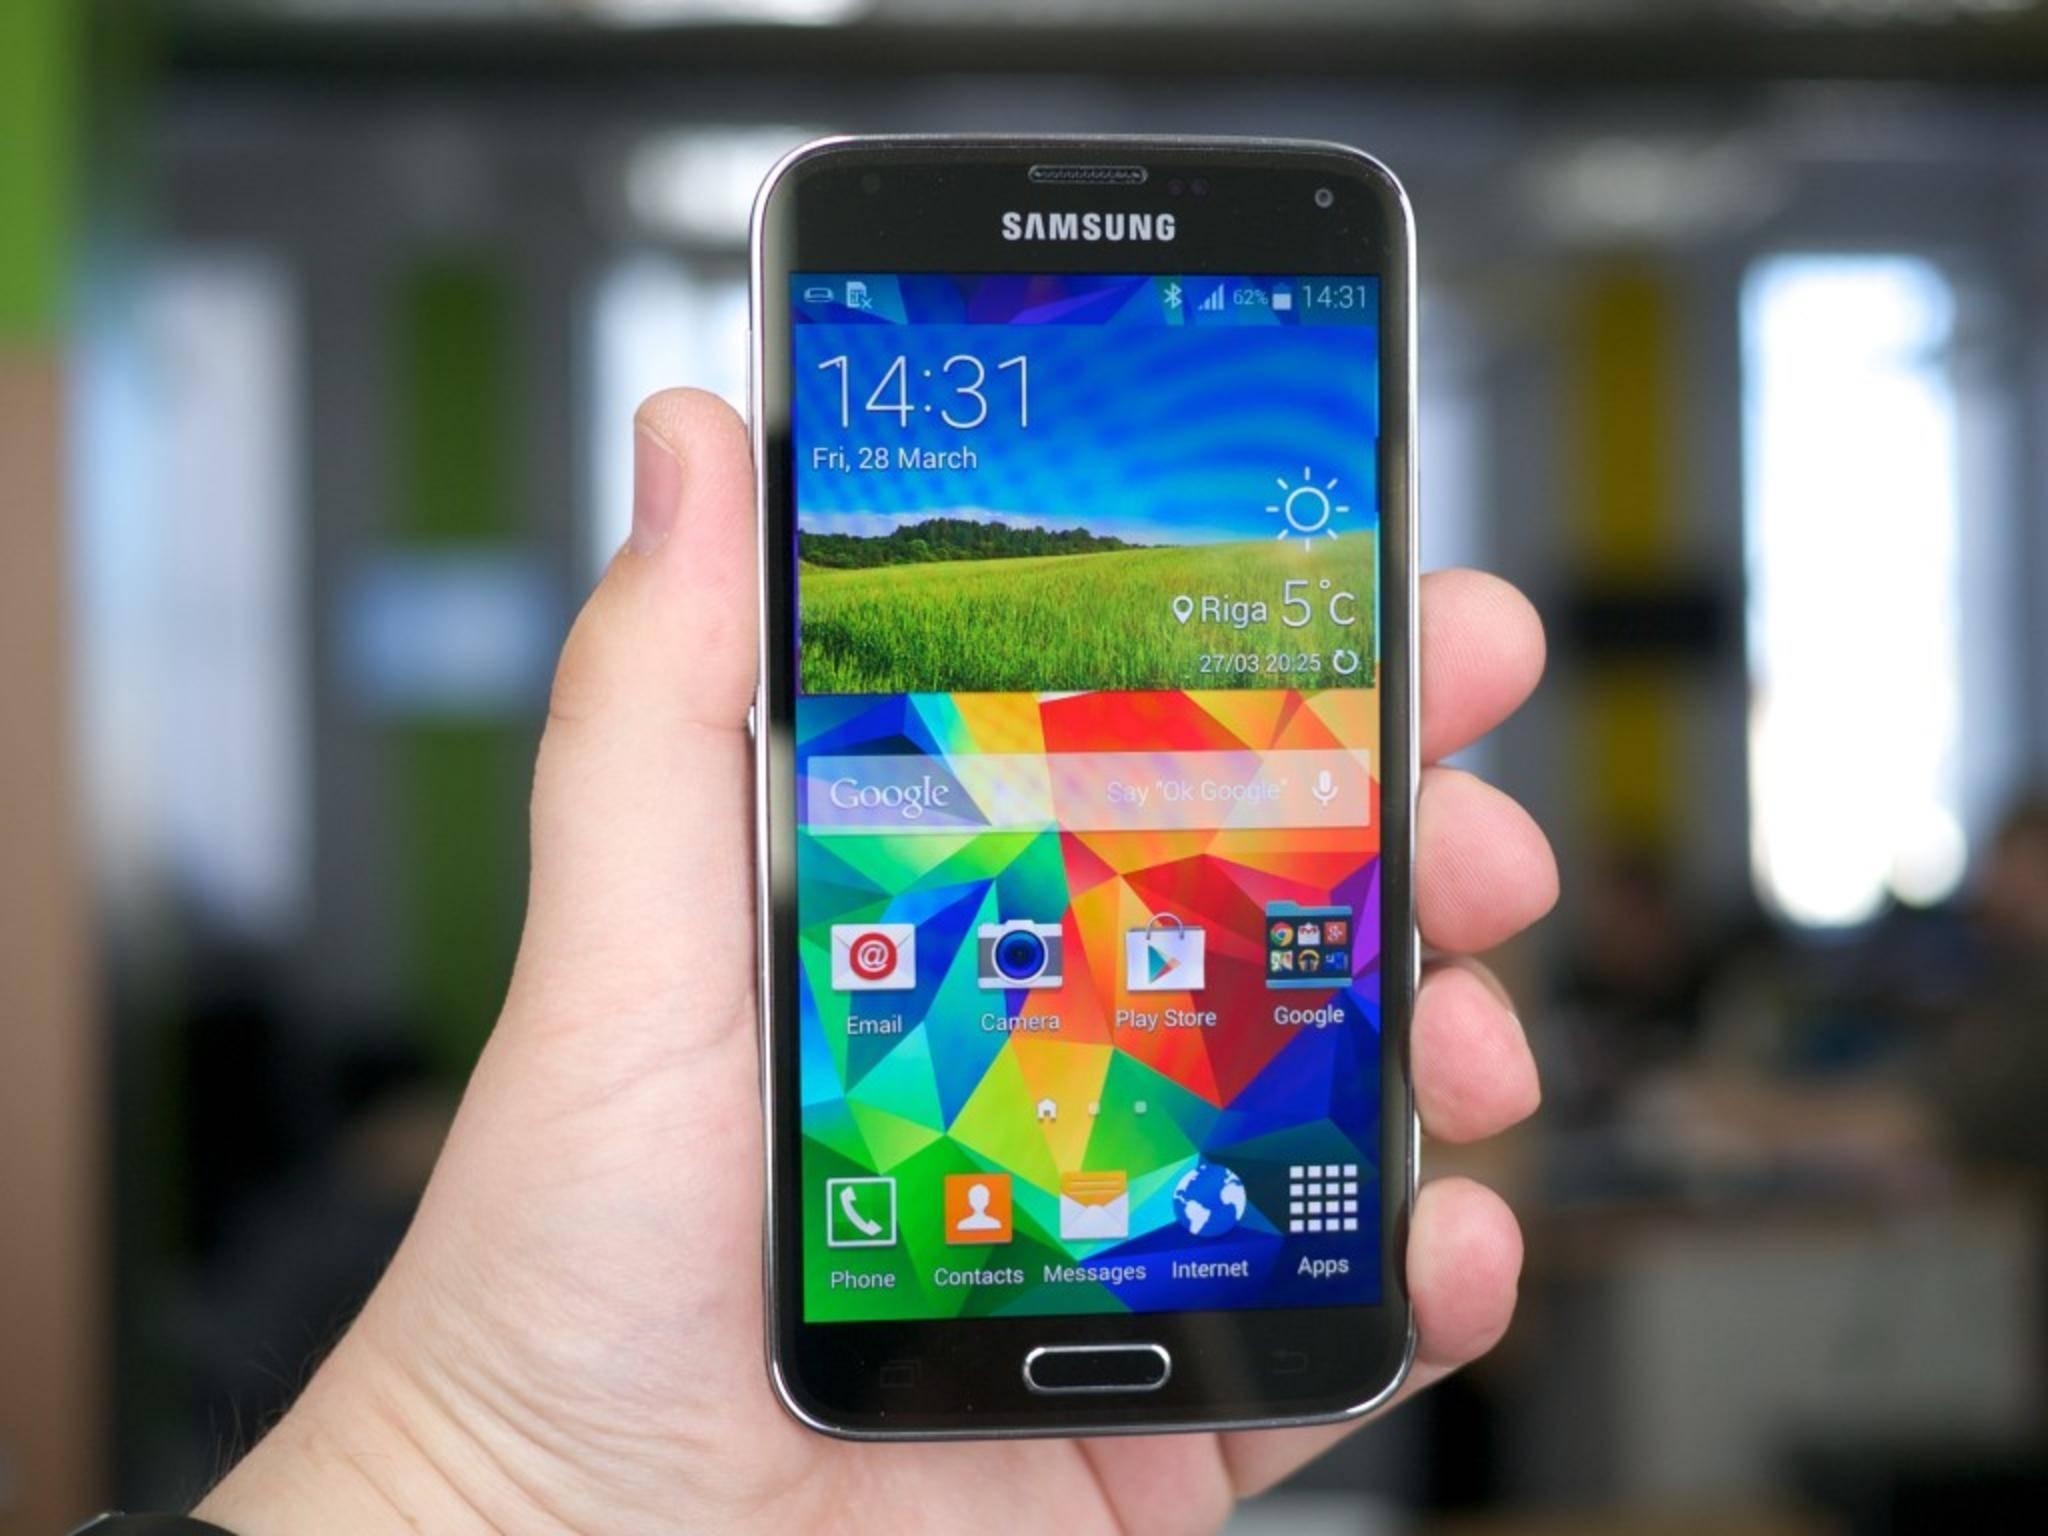 Das Samsung Galaxy S5 löst noch mit 1080 x 1920 Pixeln (Full HD) auf.